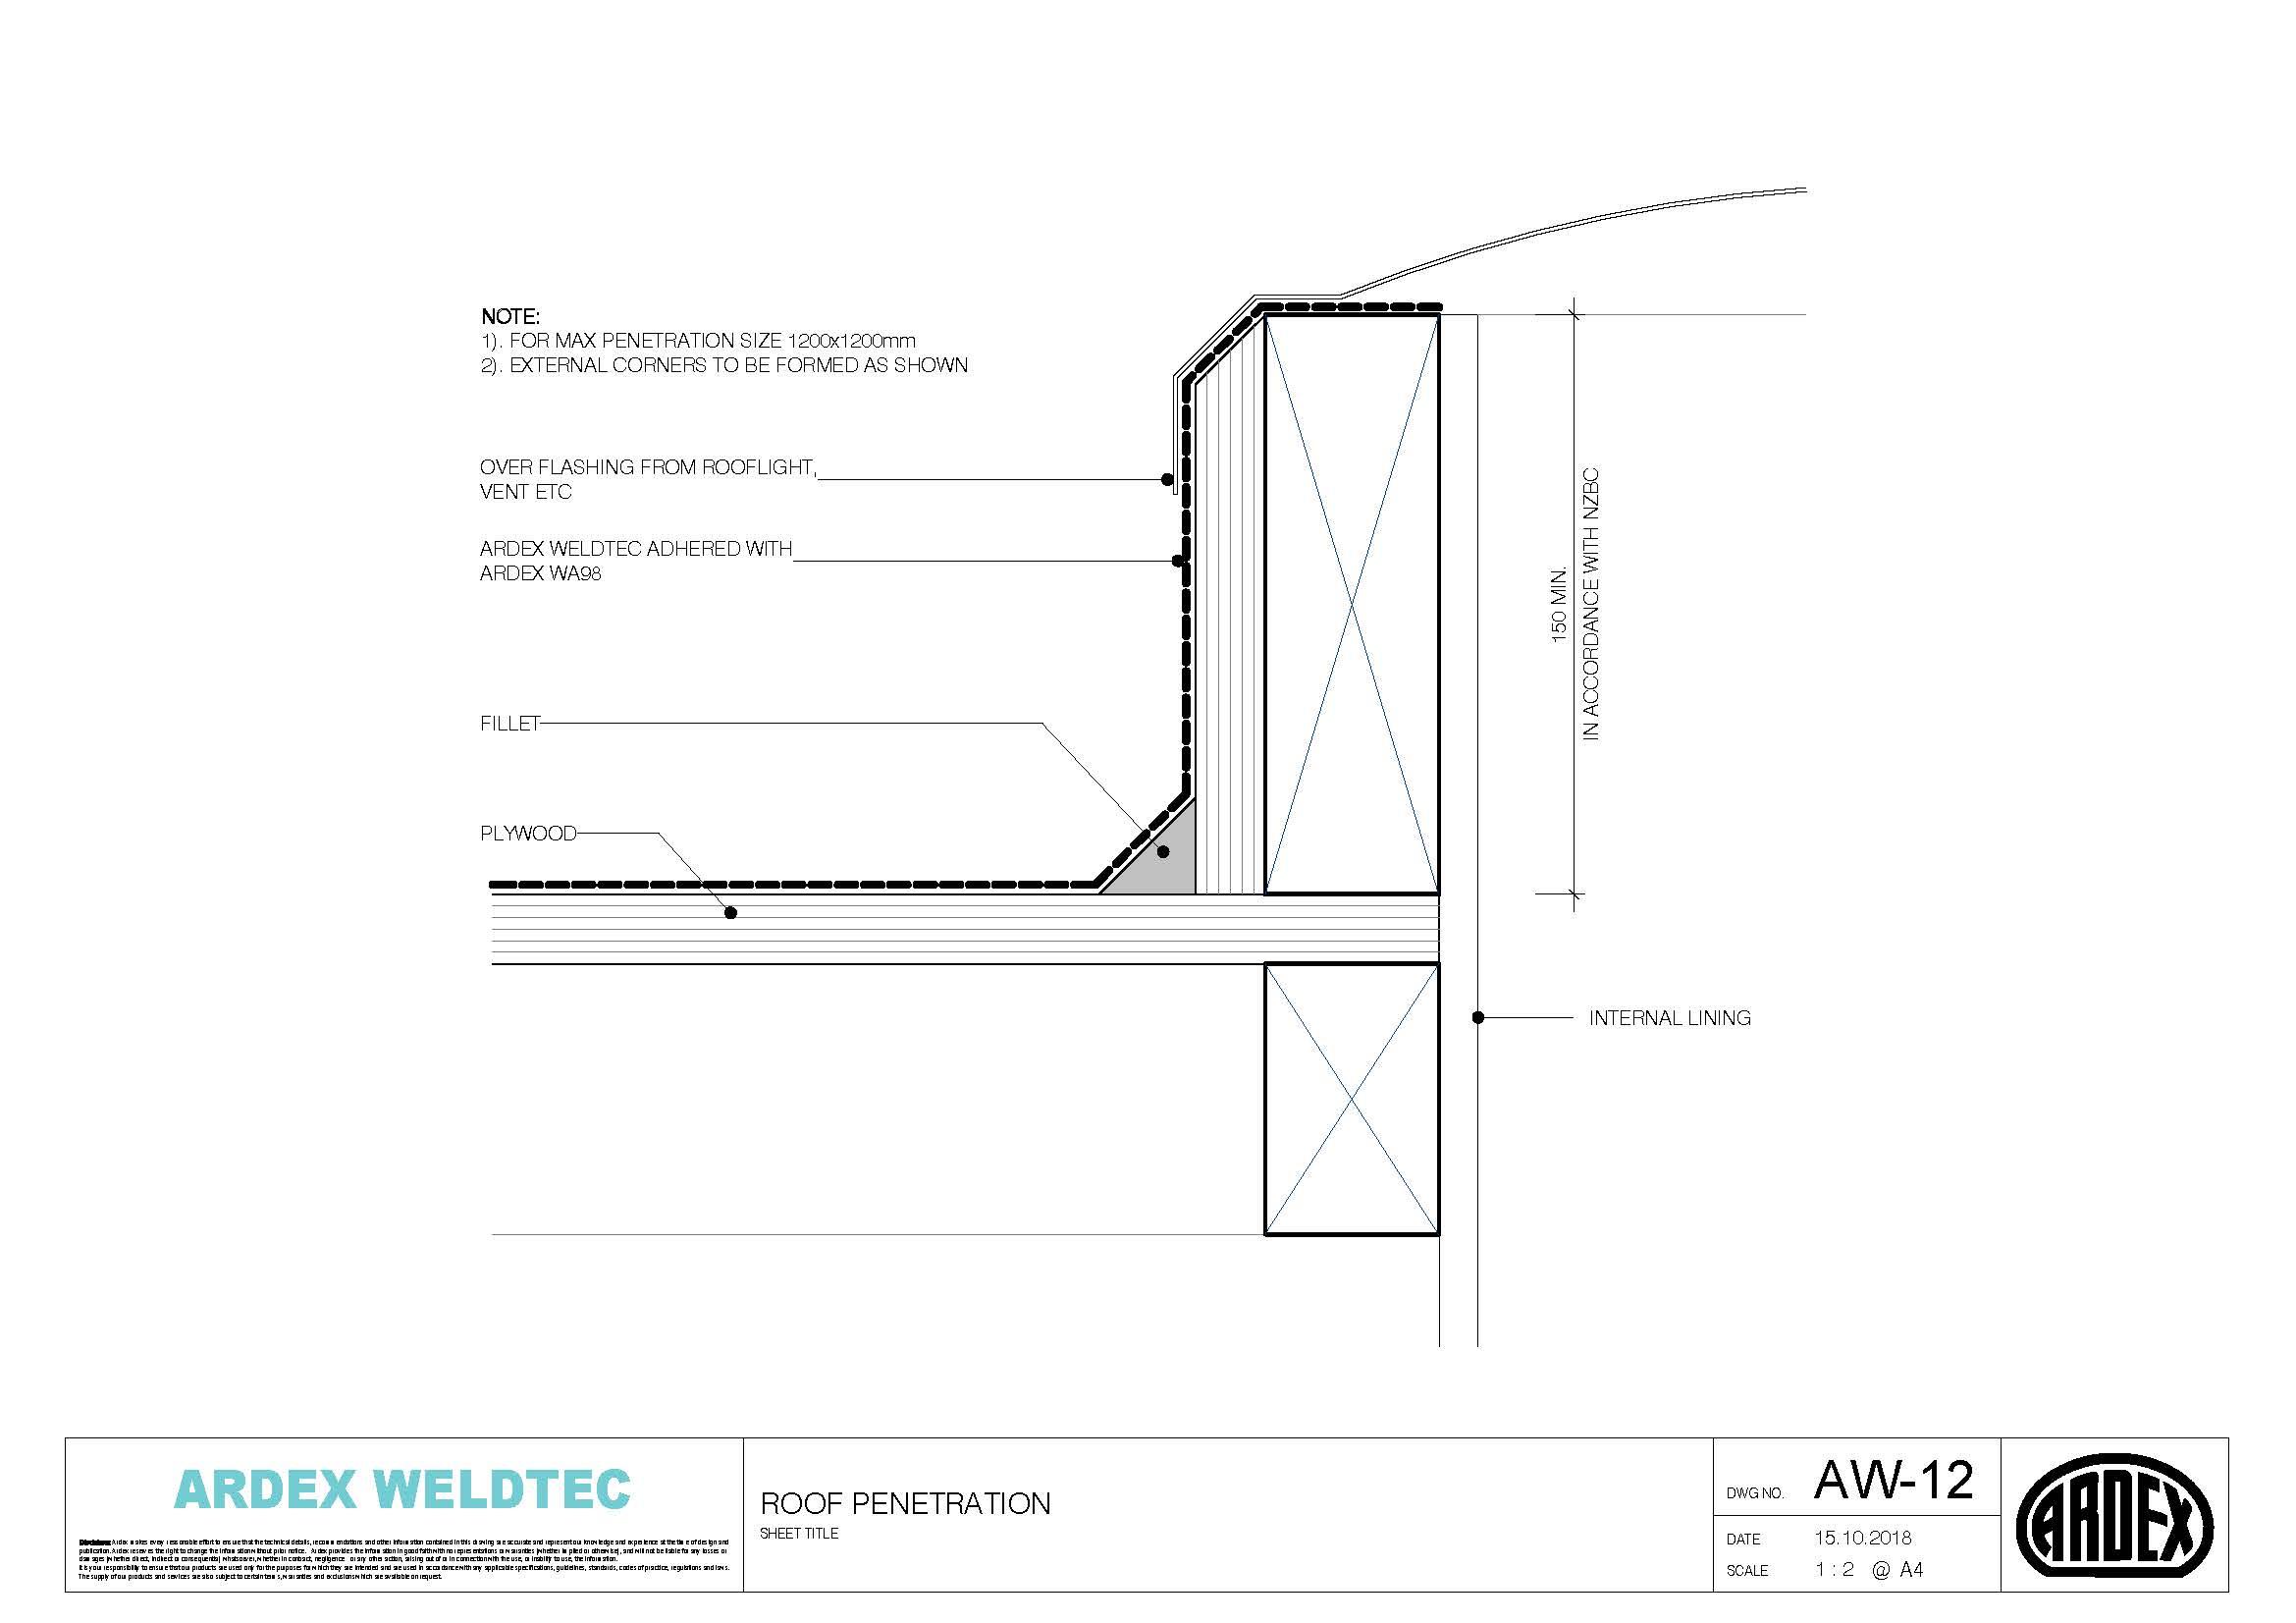 Weldtec roof penetration